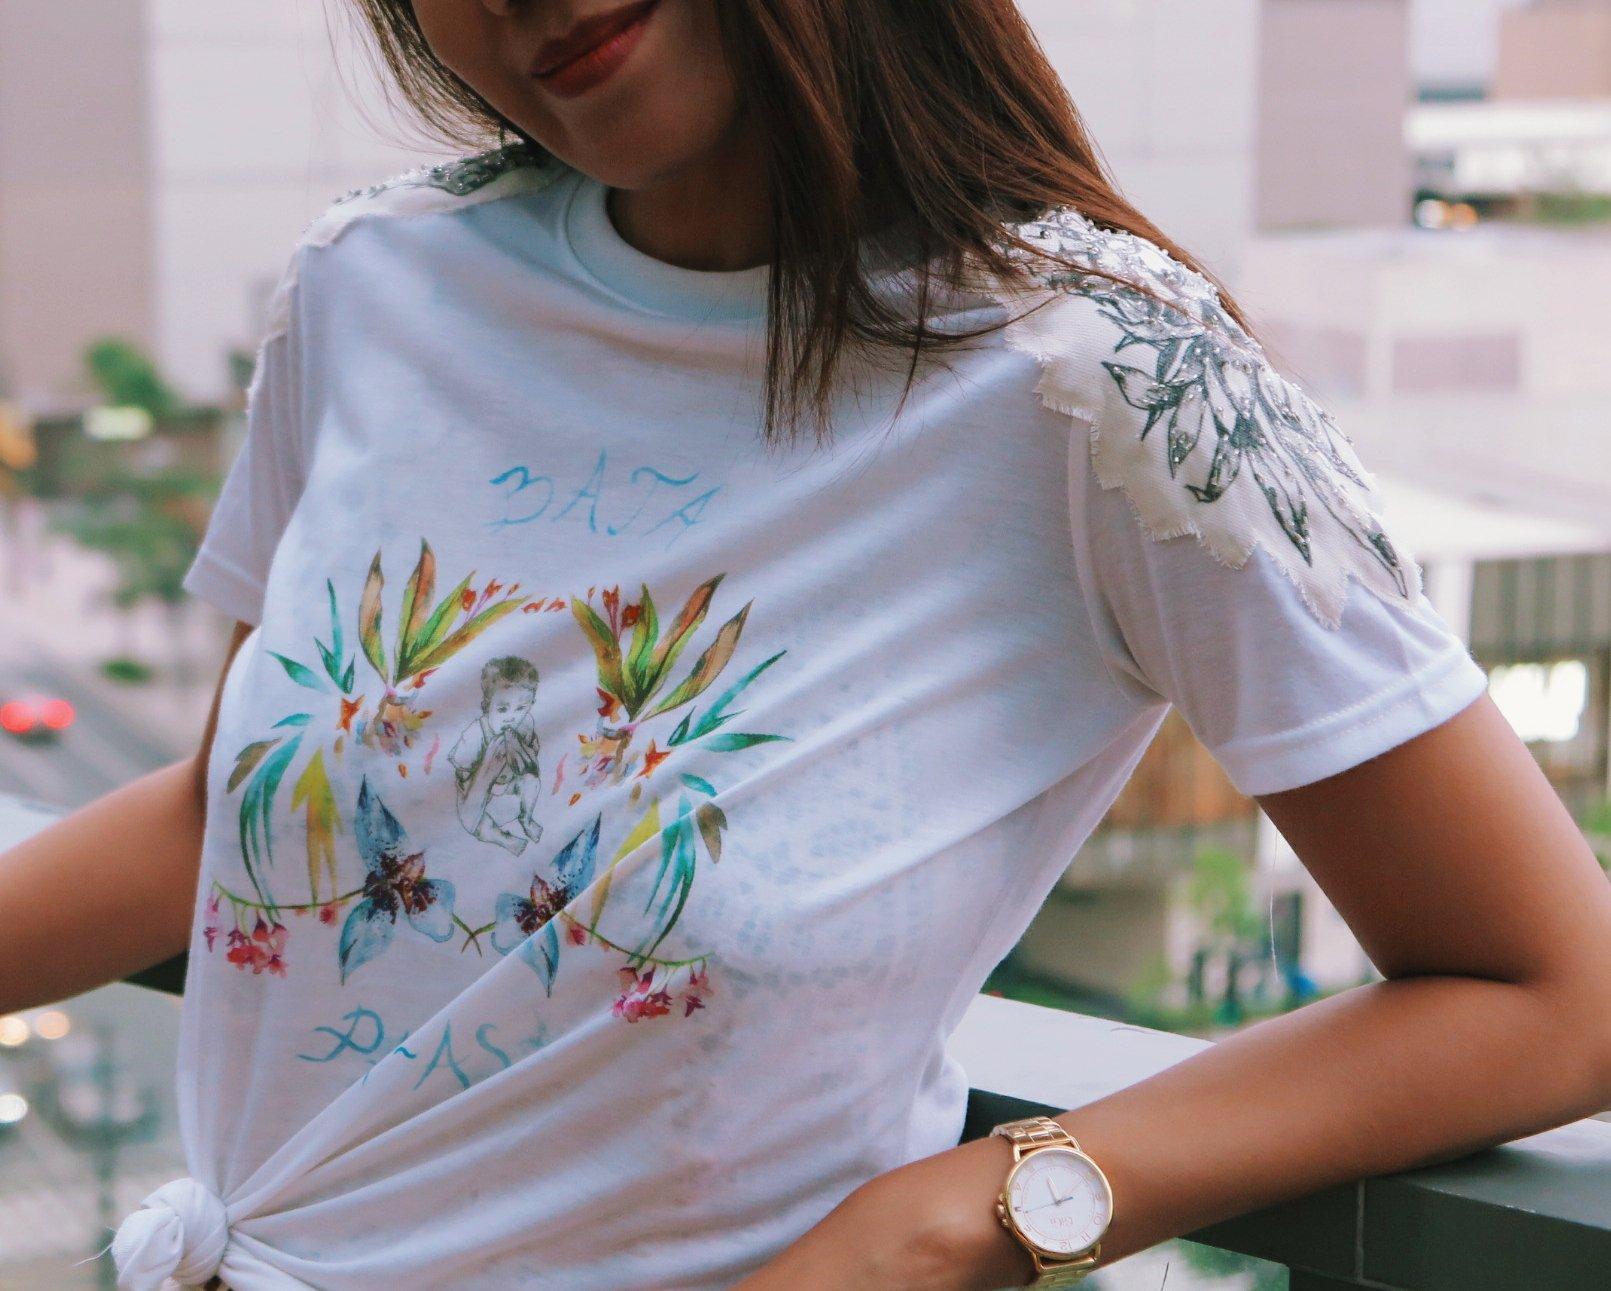 hope in a shirt Artwork by Solenn Heusaff